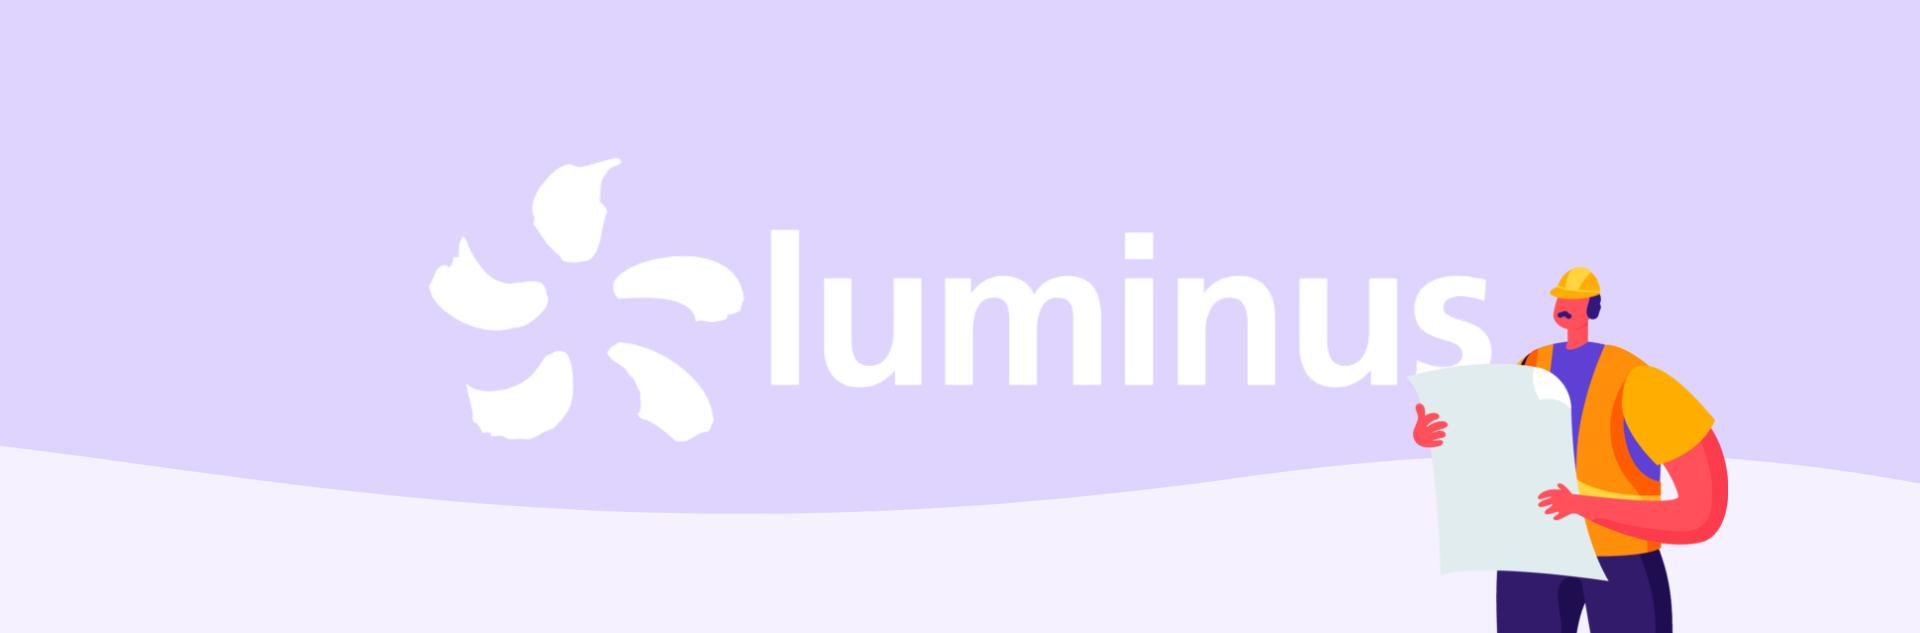 Case banner image